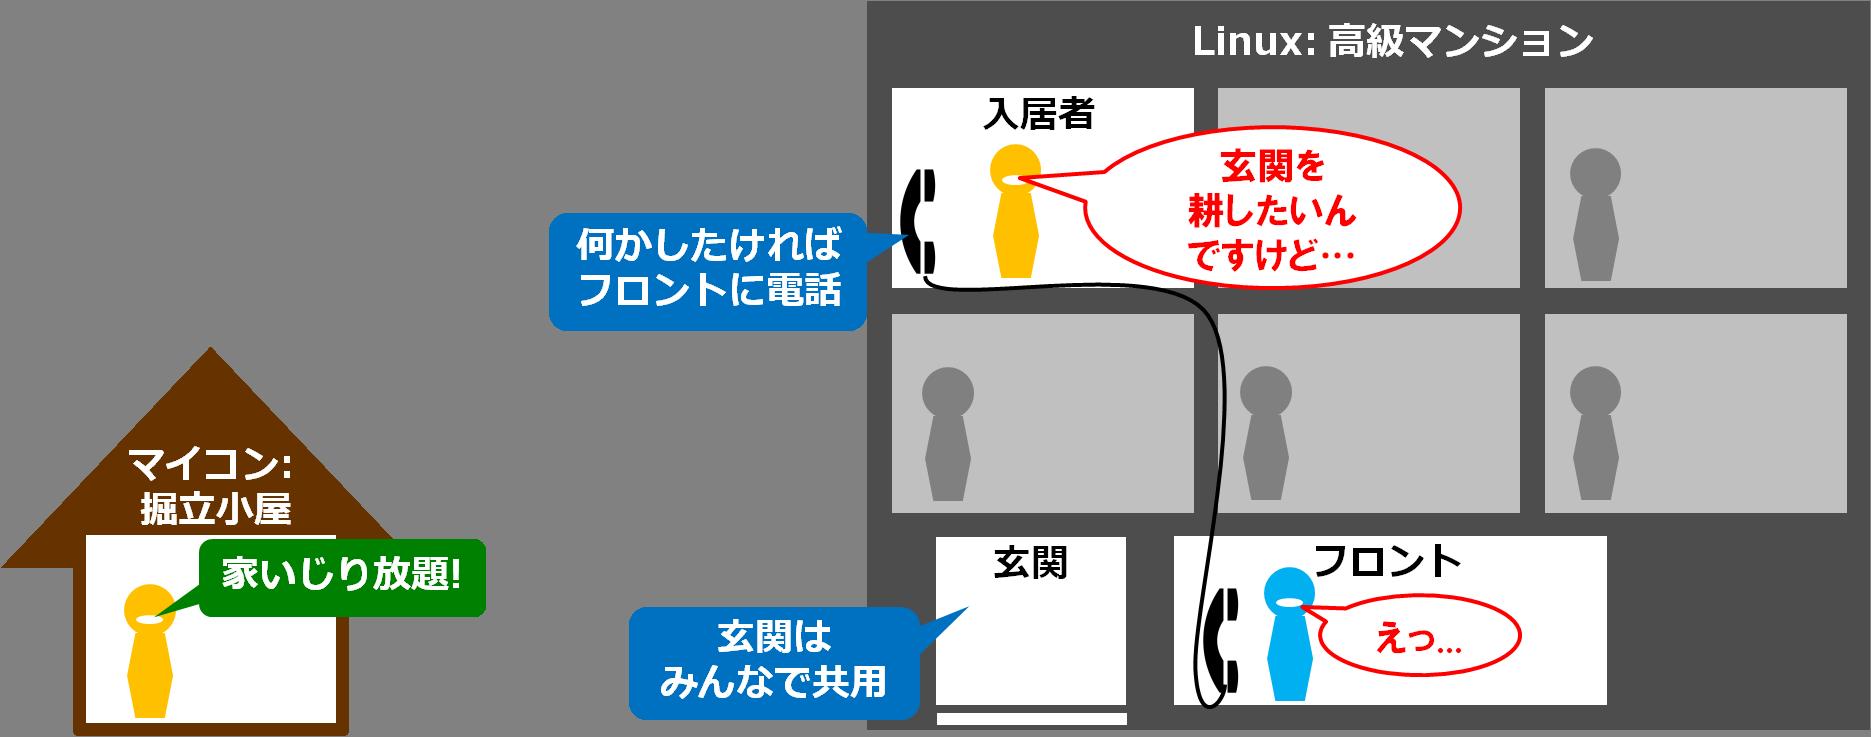 は掘立小屋、組み込みLinux ...